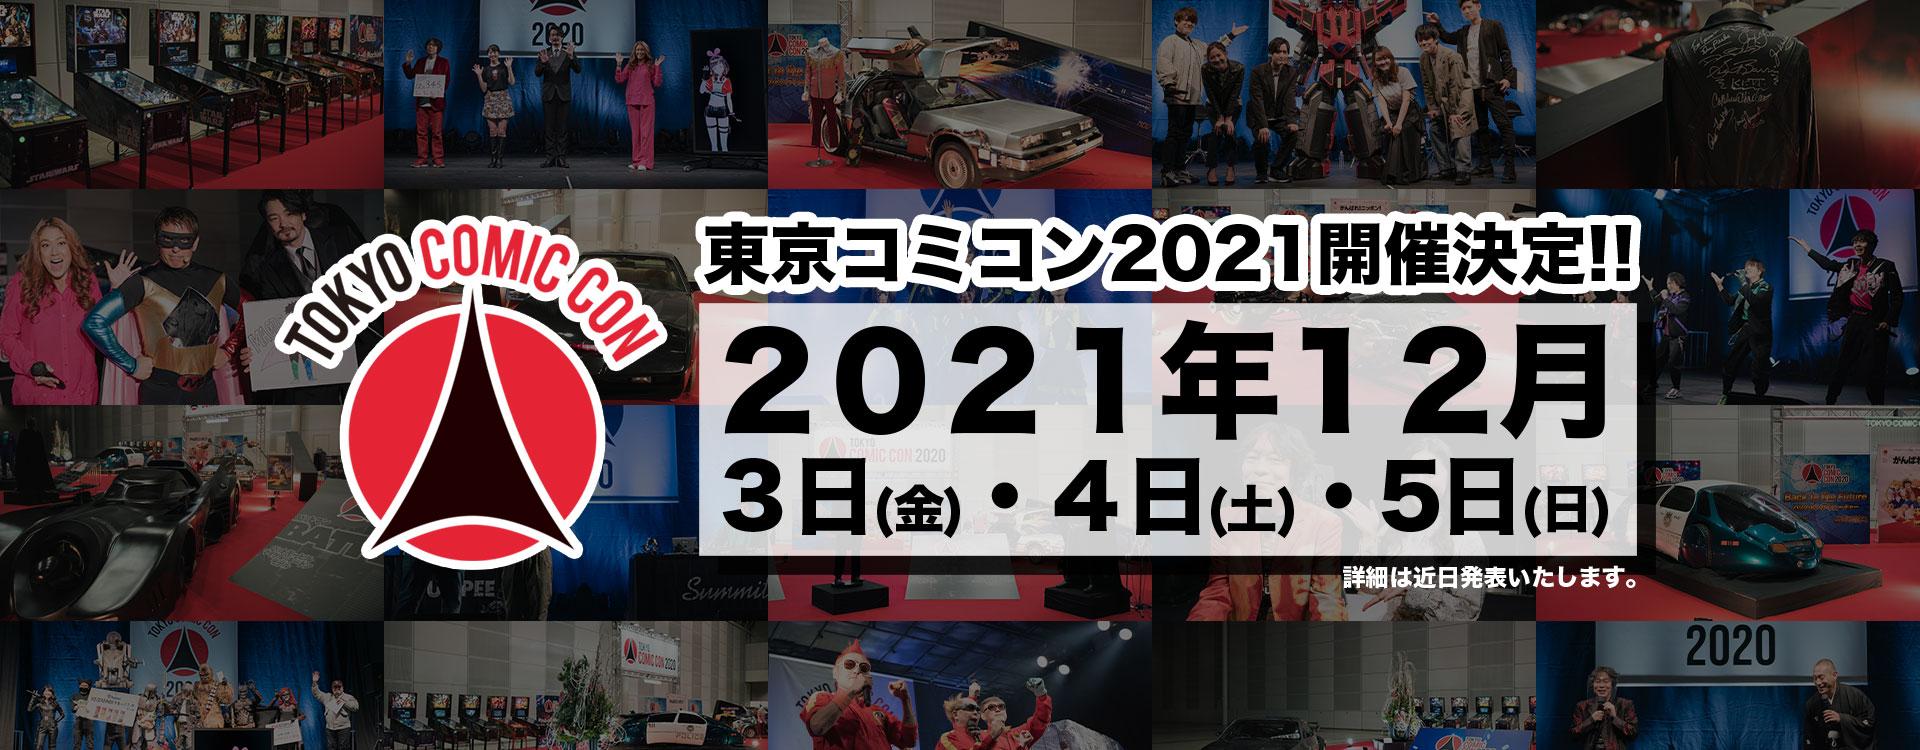 2021開催決定!!